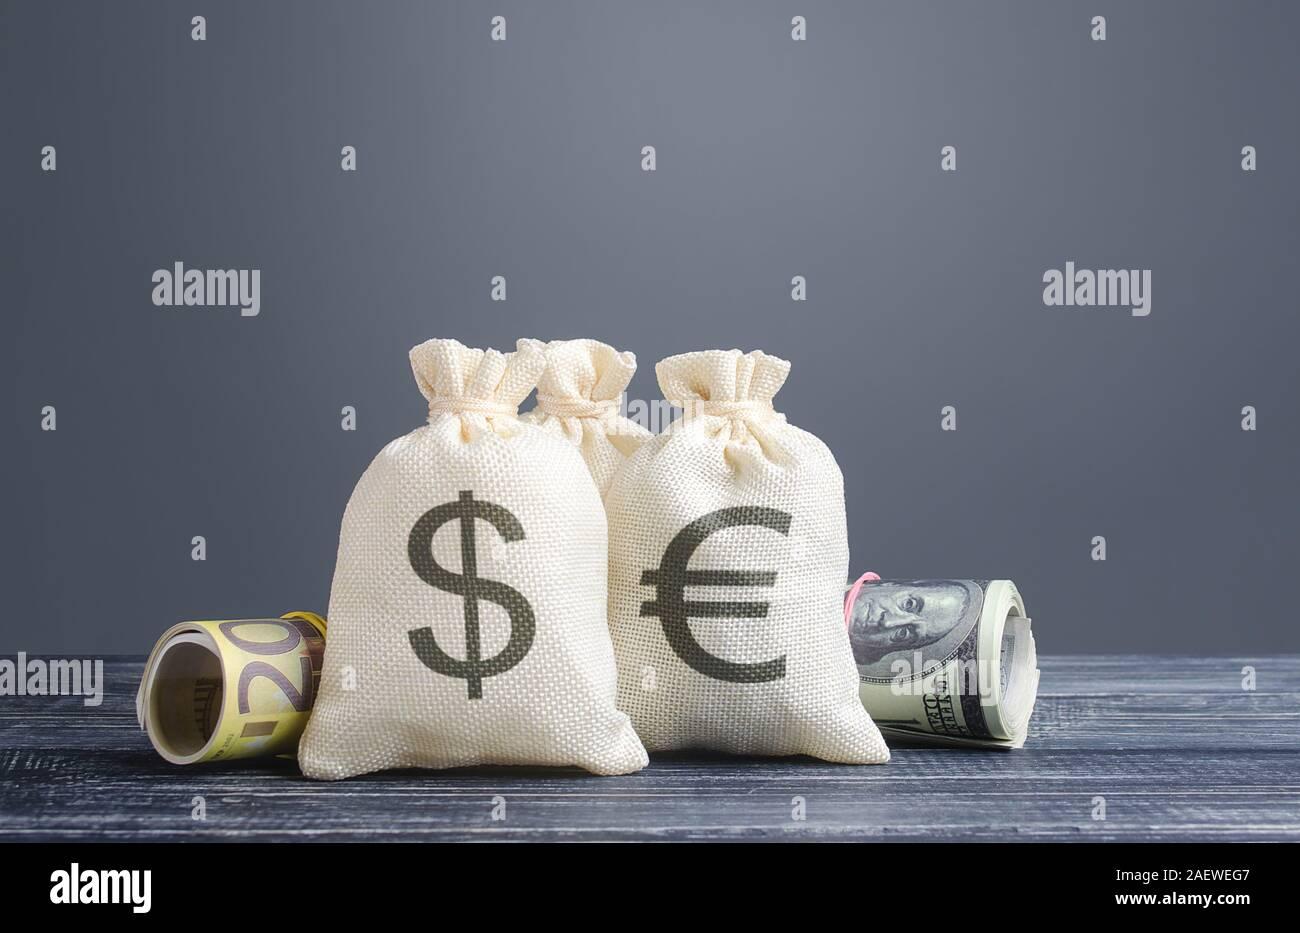 Des sacs d'argent et des devises du monde entier. L'investissement en capital, l'épargne. L'économie, de prêt. Le revenu de dividendes, bénéfices gains. Startups Crowdfunding inv Banque D'Images